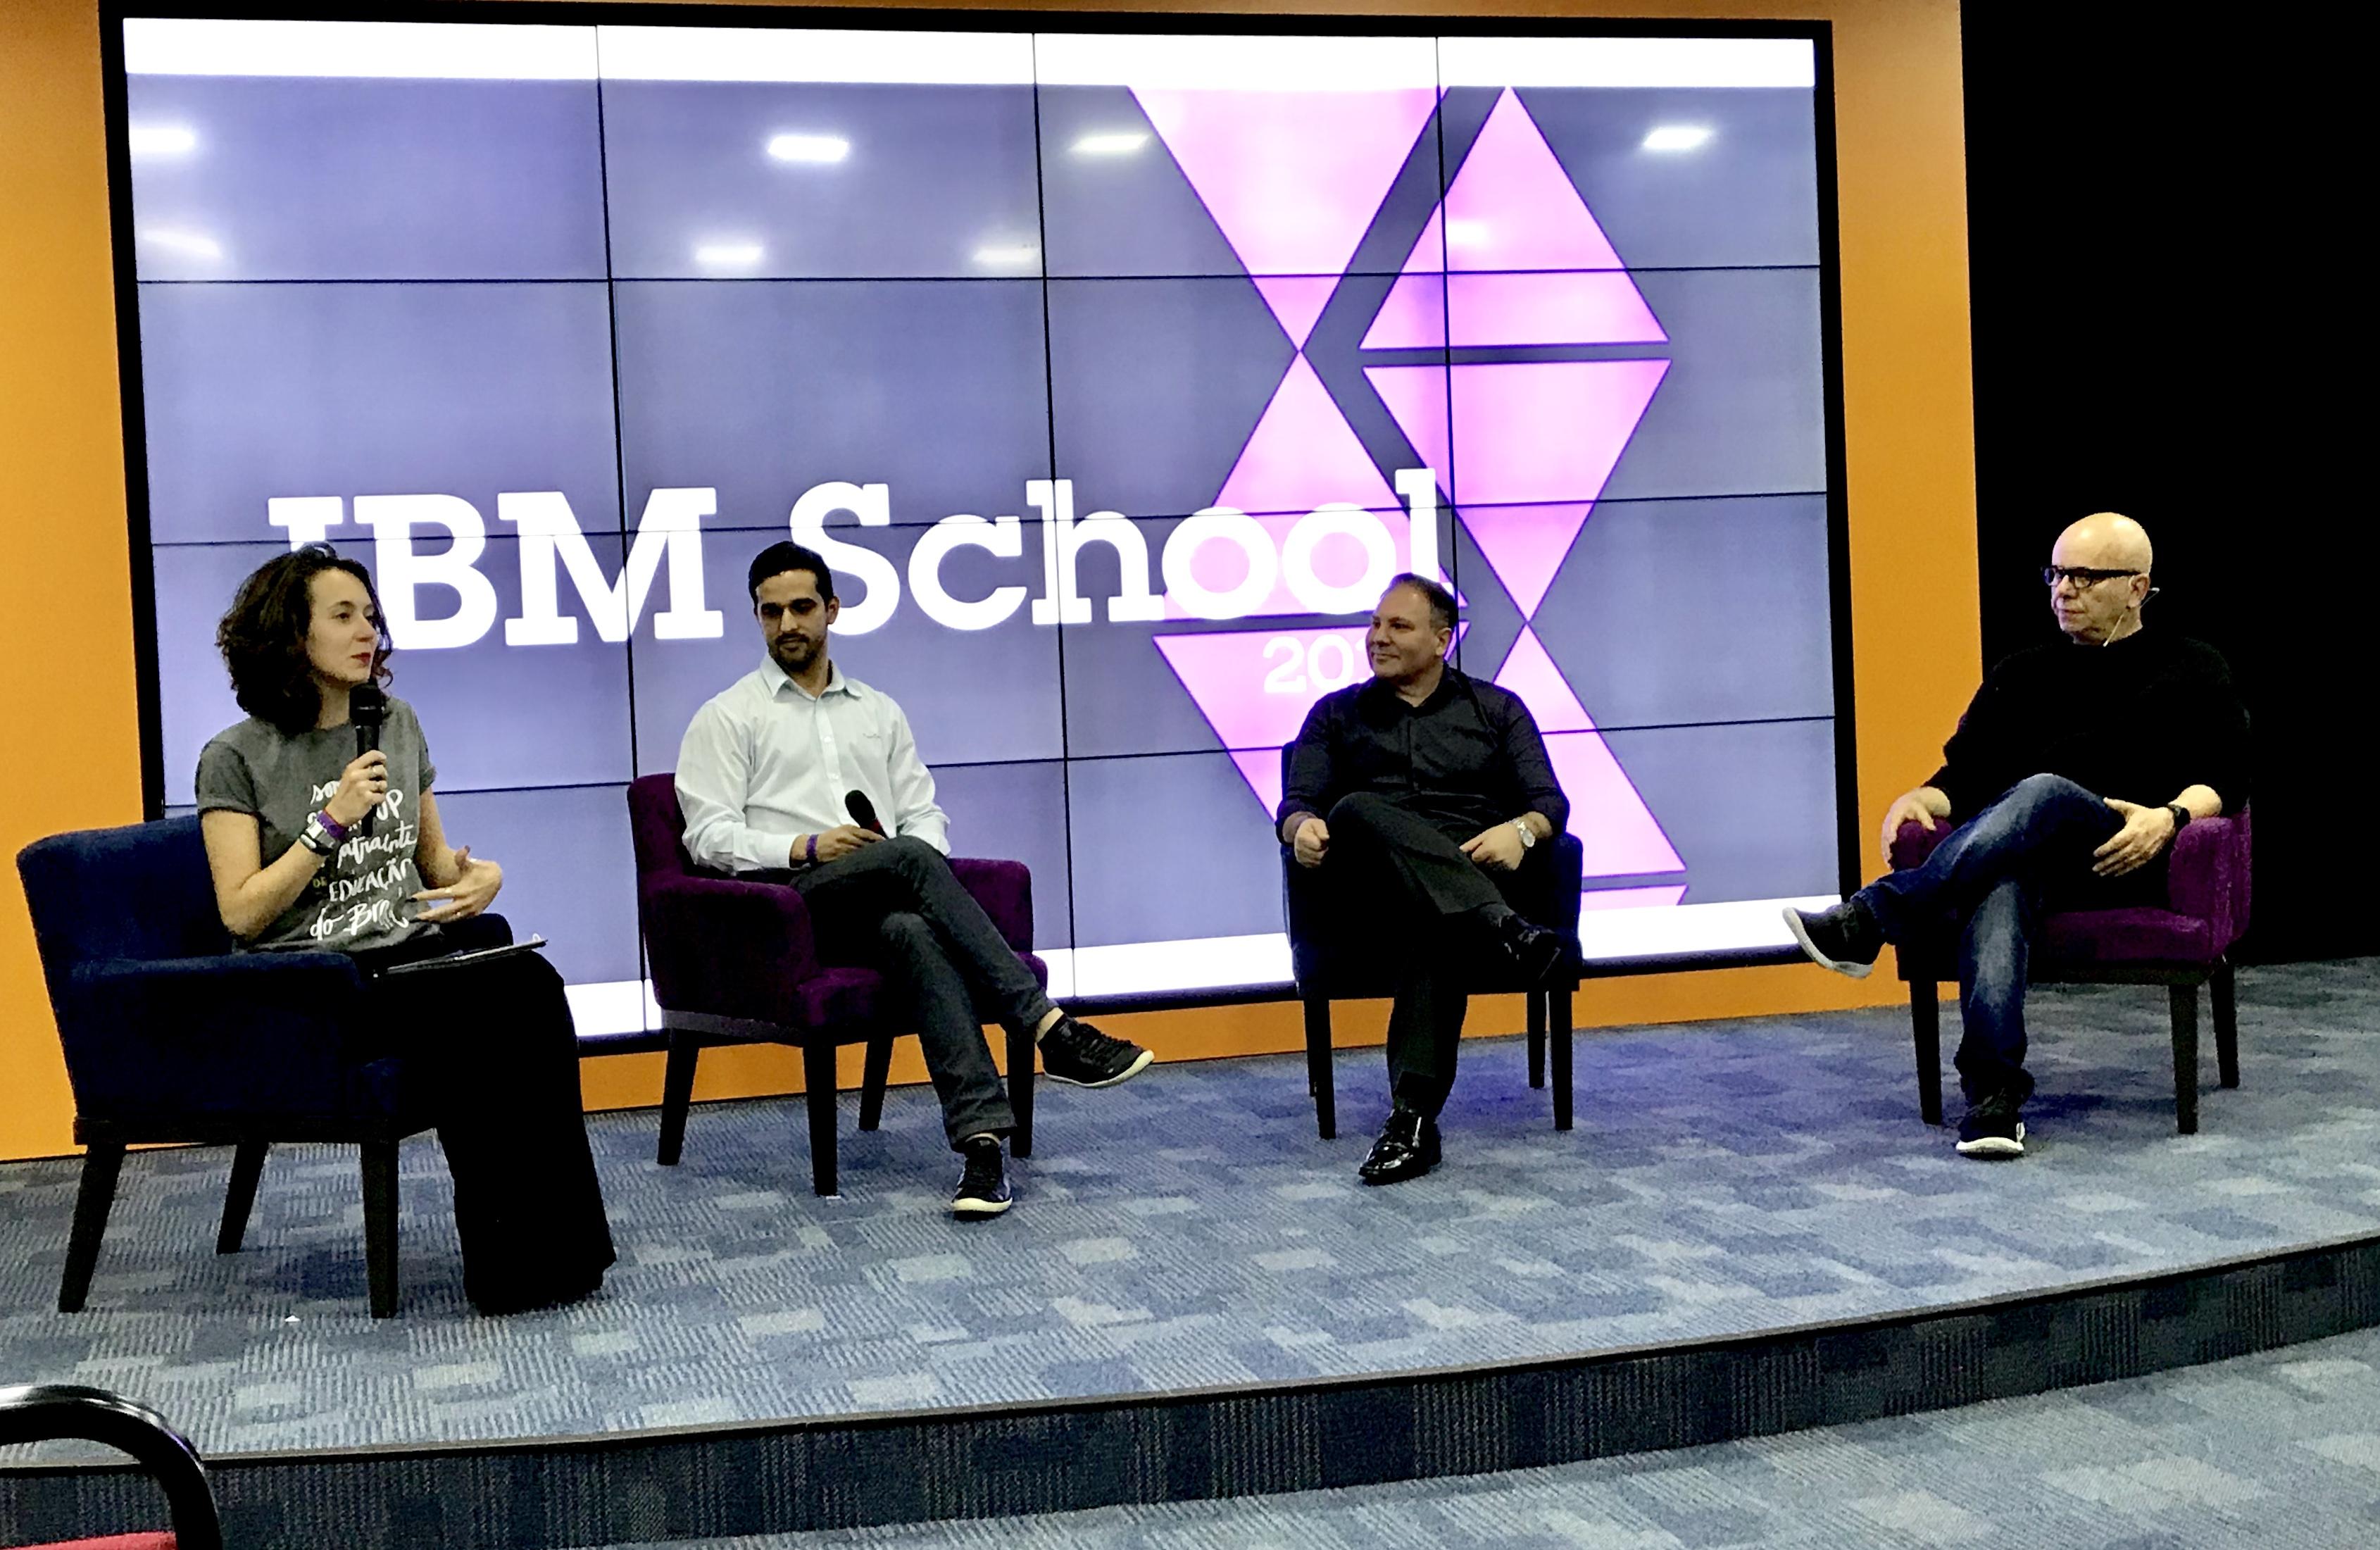 Uma discussão sobre inteligência artificial na educação